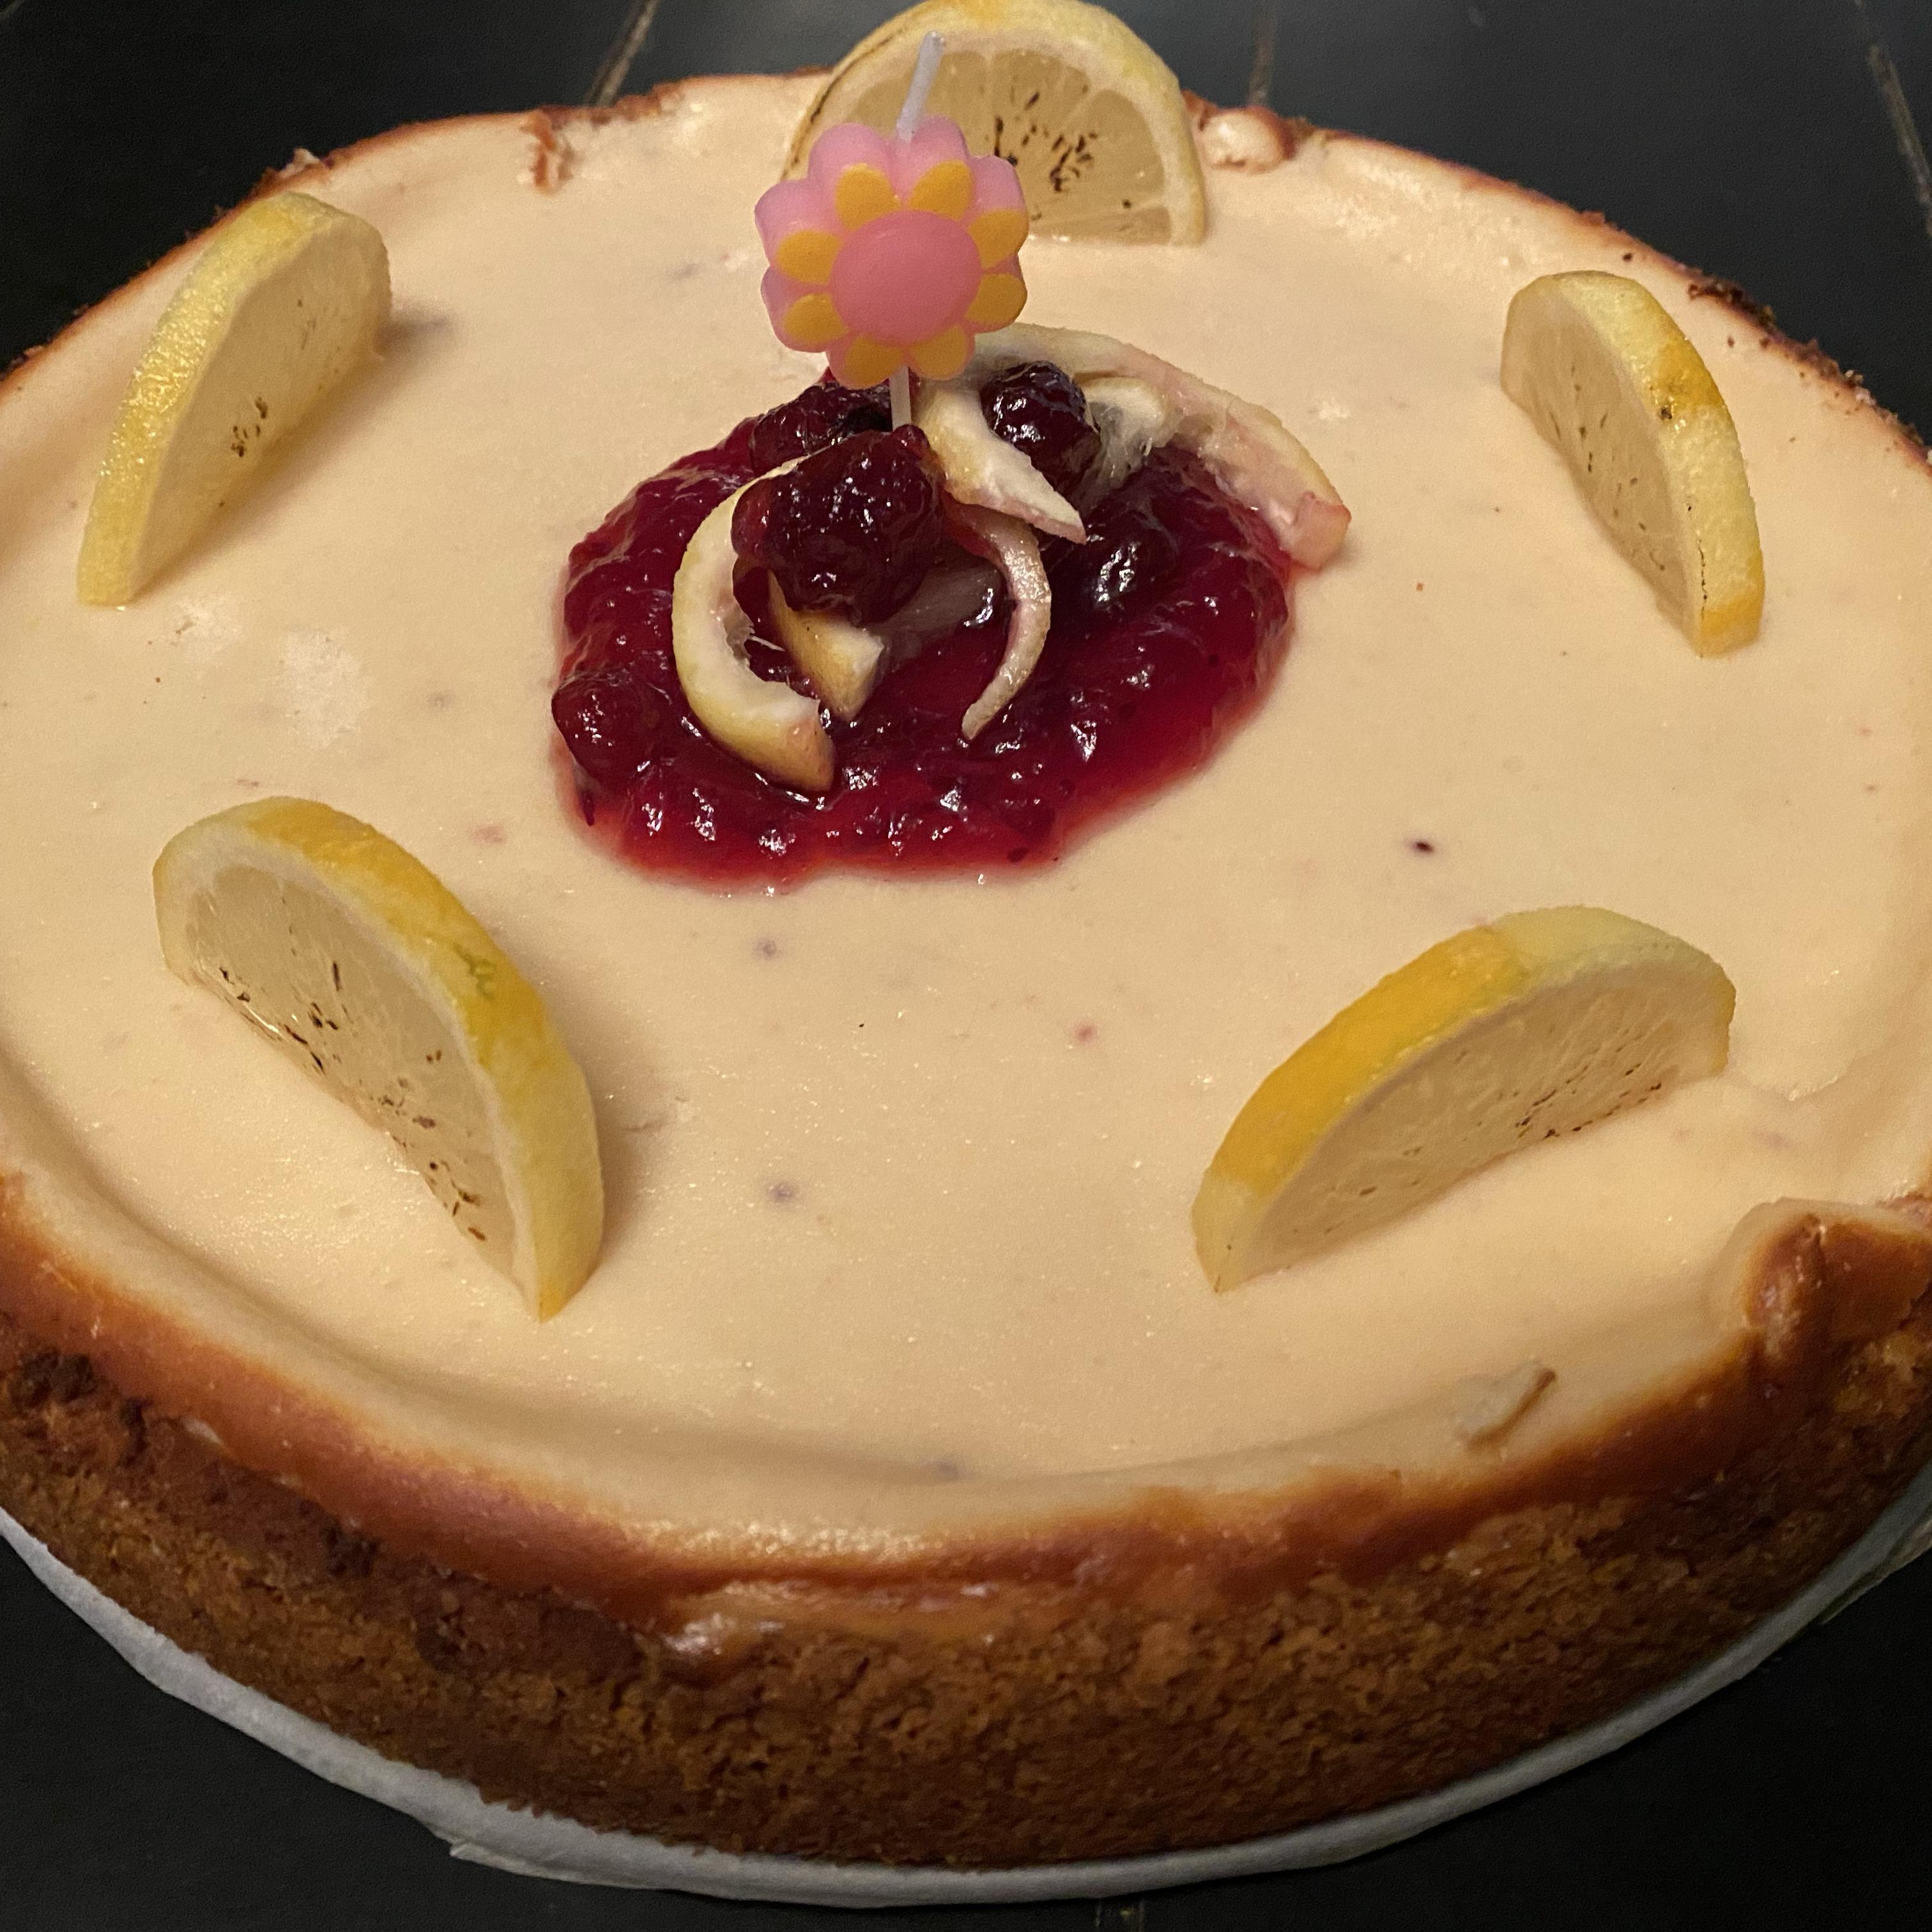 Lemon-Lime Cheesecake